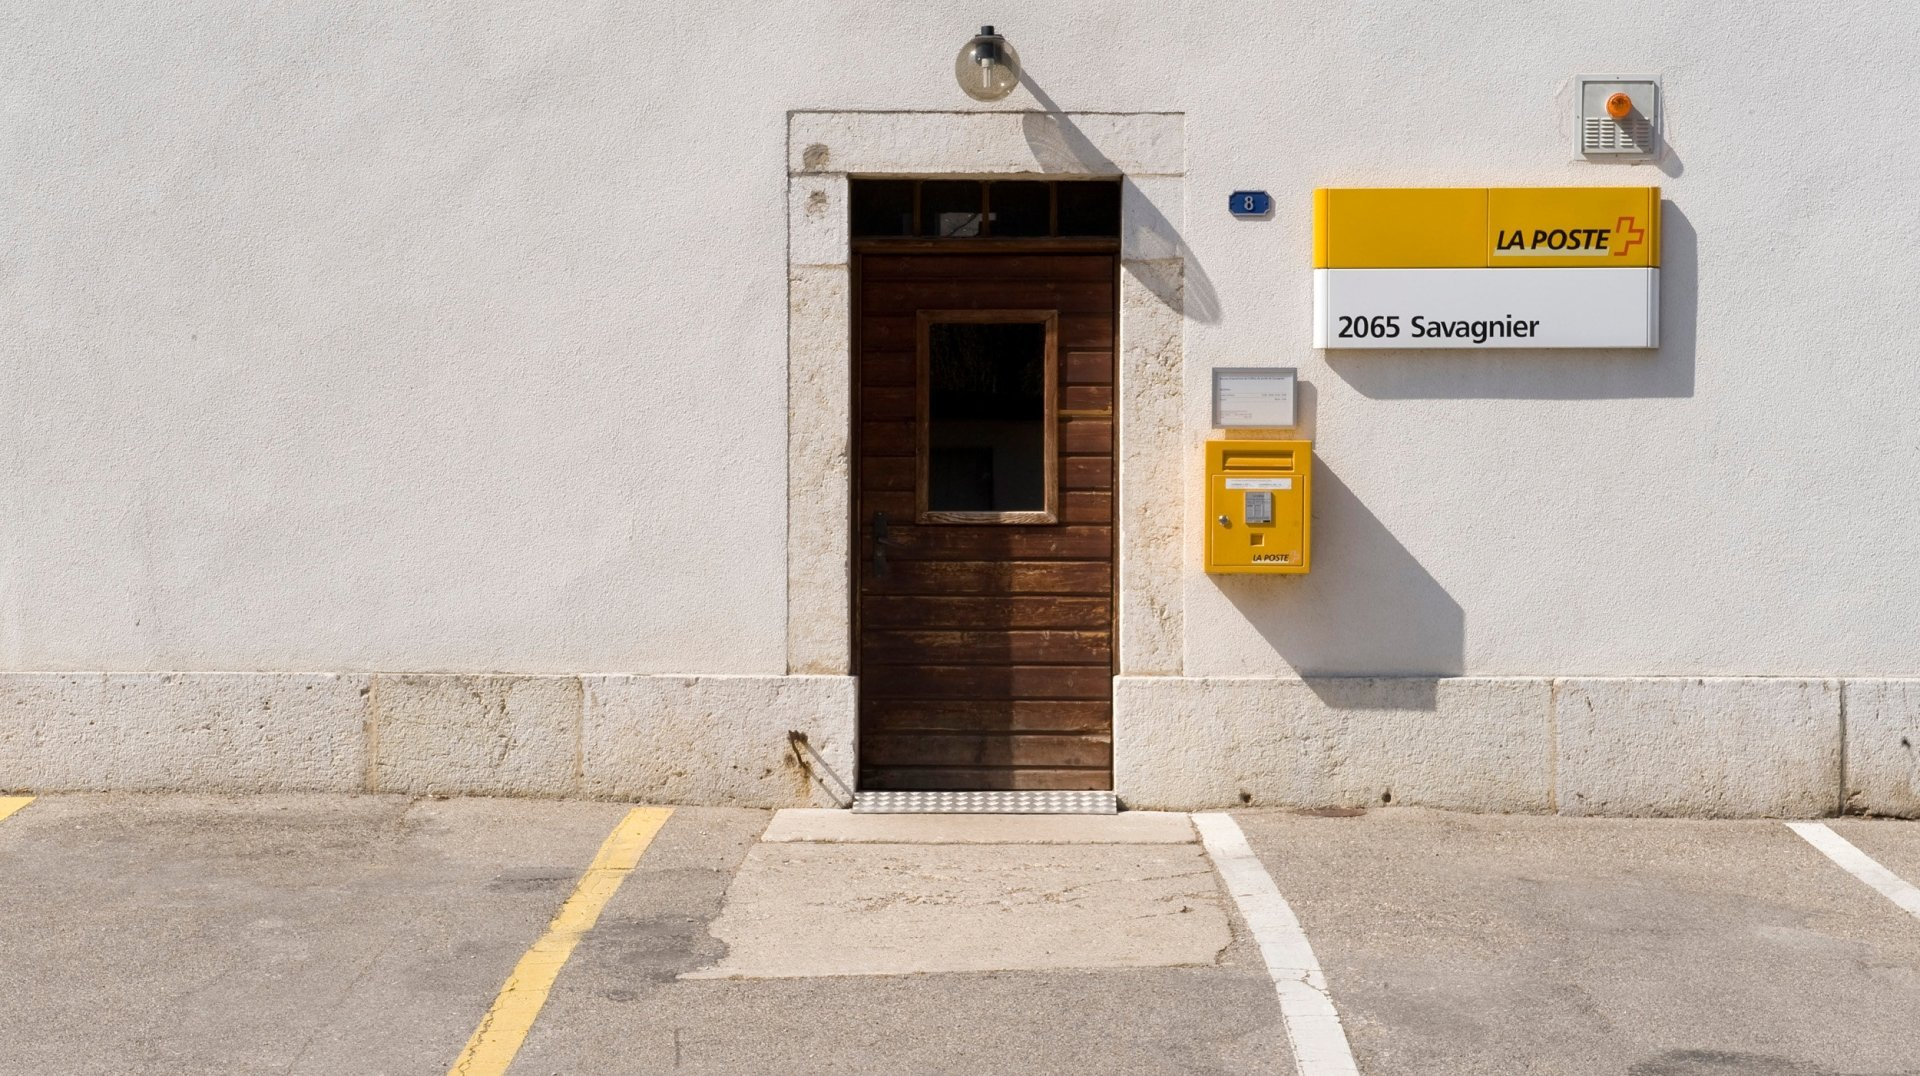 La fermeture de la poste de Savagnier interviendra cet automne